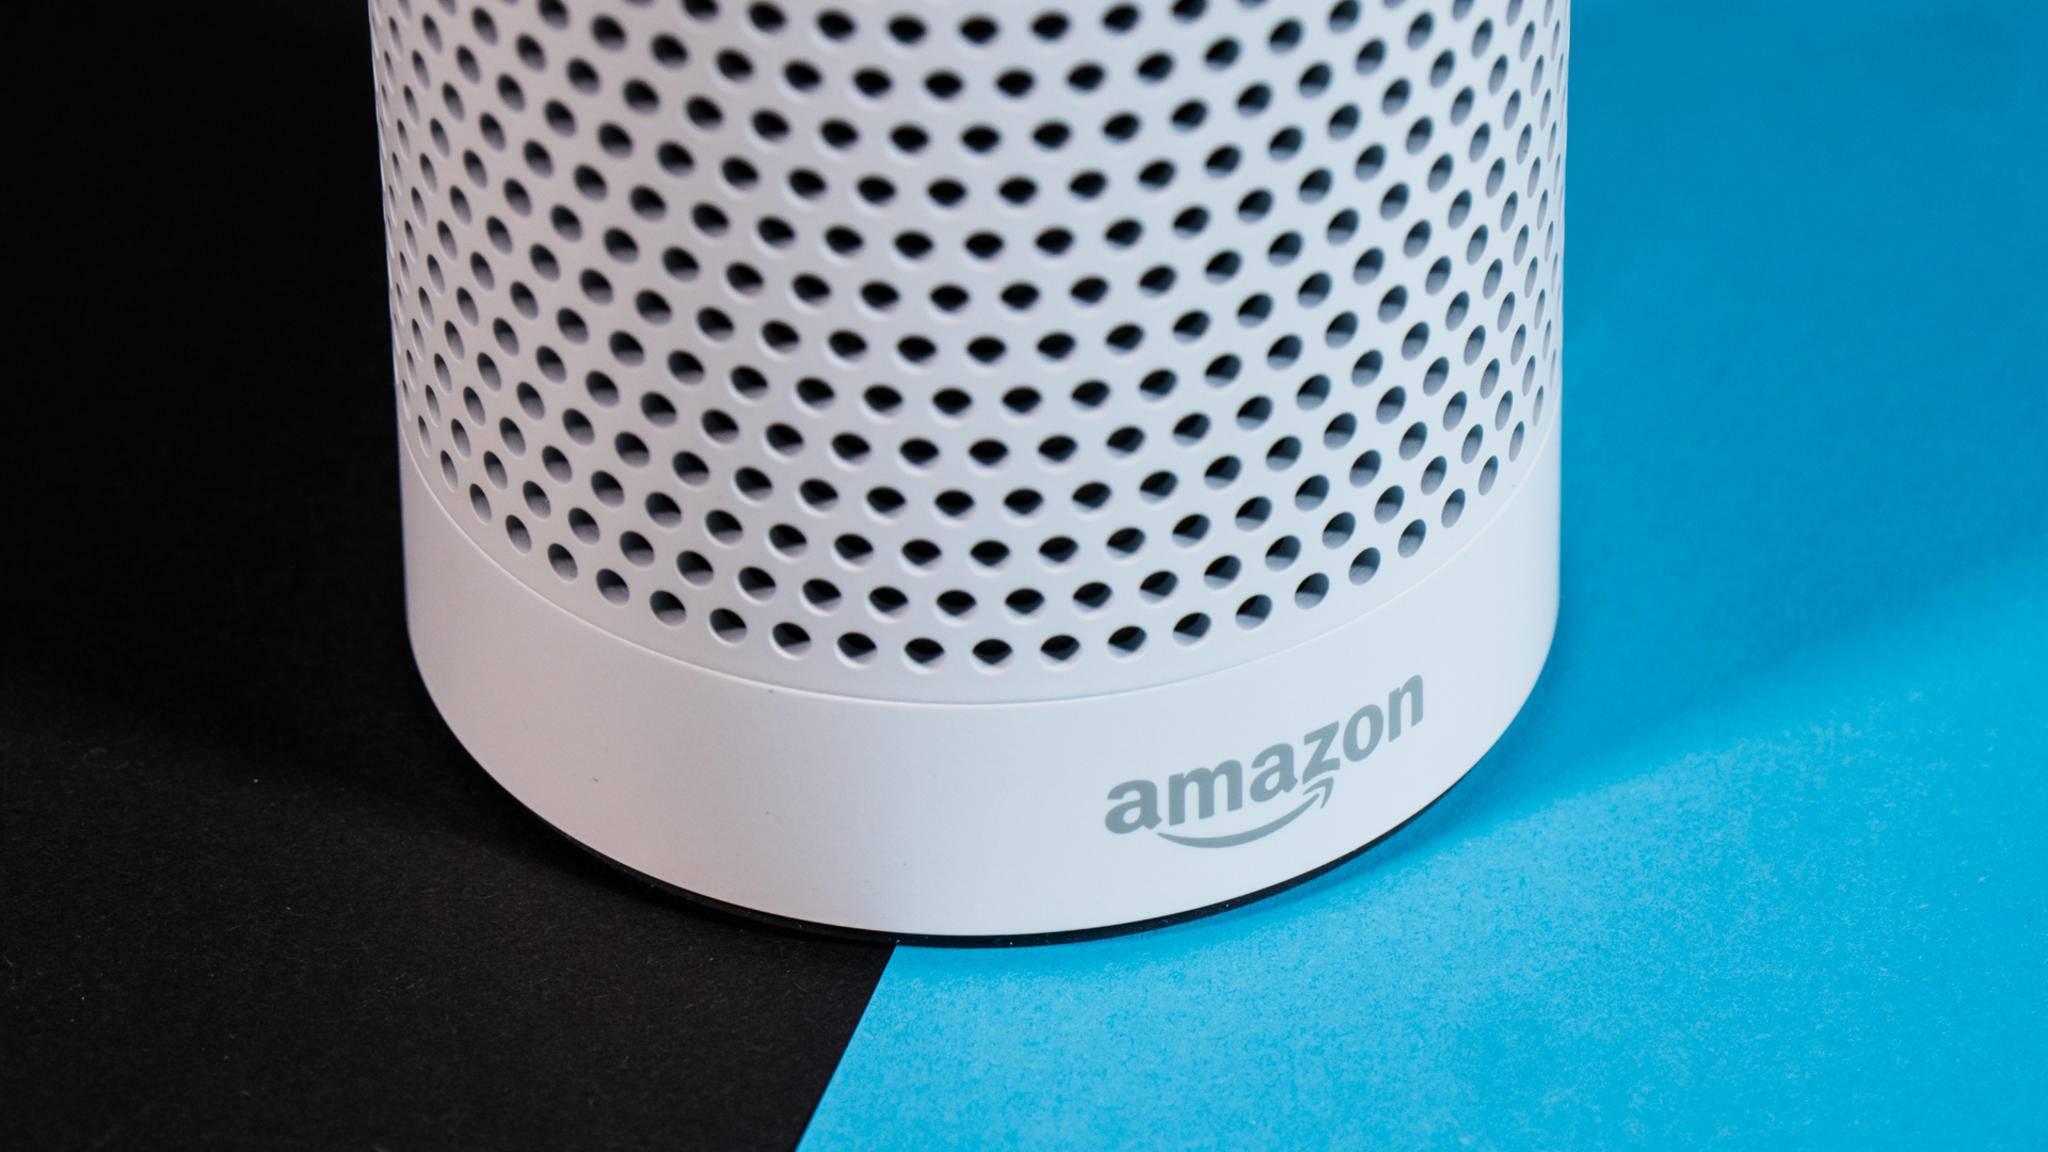 Ob sich Apples Siri-Lautsprecher im Smart Home gegen den Amazon Echo durchsetzen kann, könnte sich bereits in wenigen Monaten herausstellen.